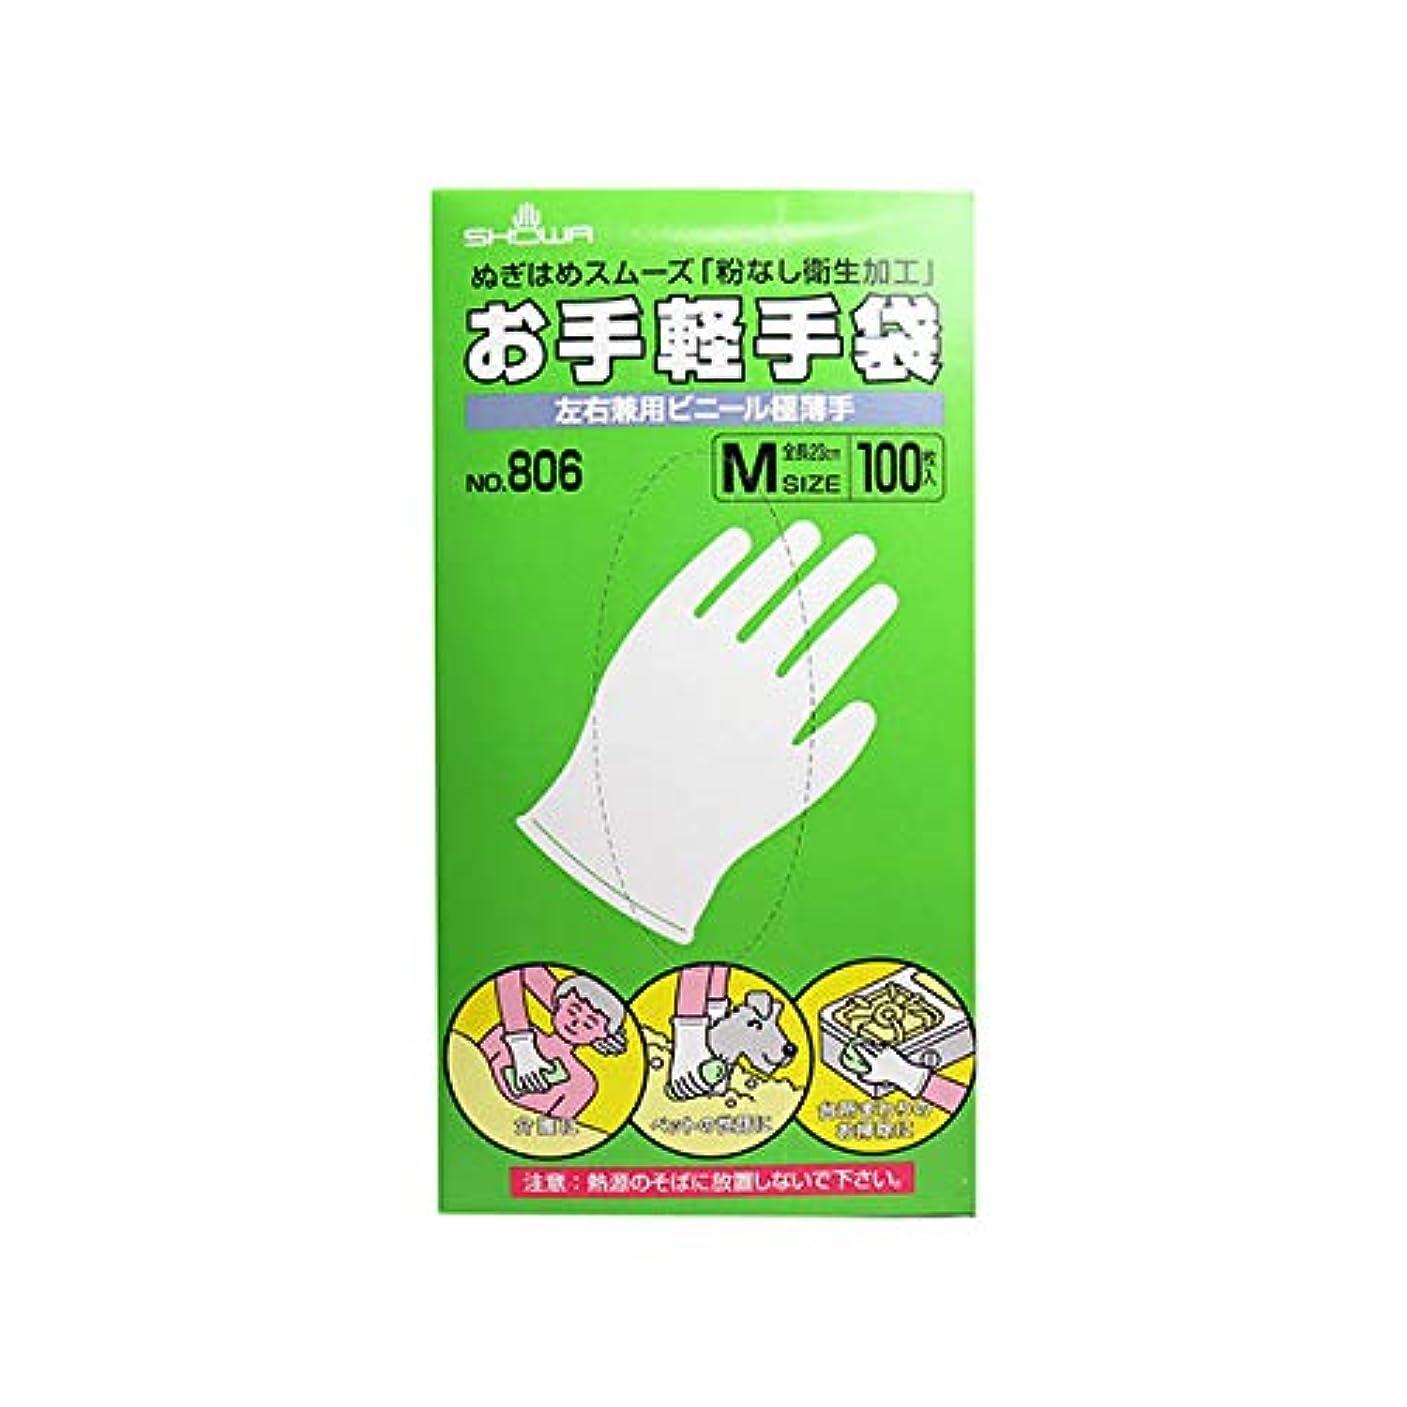 疑い者ハプニング祭り使い捨て手袋 お手軽手袋 No.806 左右兼用ビニール極薄手 粉なし 100枚入X10箱 Mサイズ ショーワグローブ